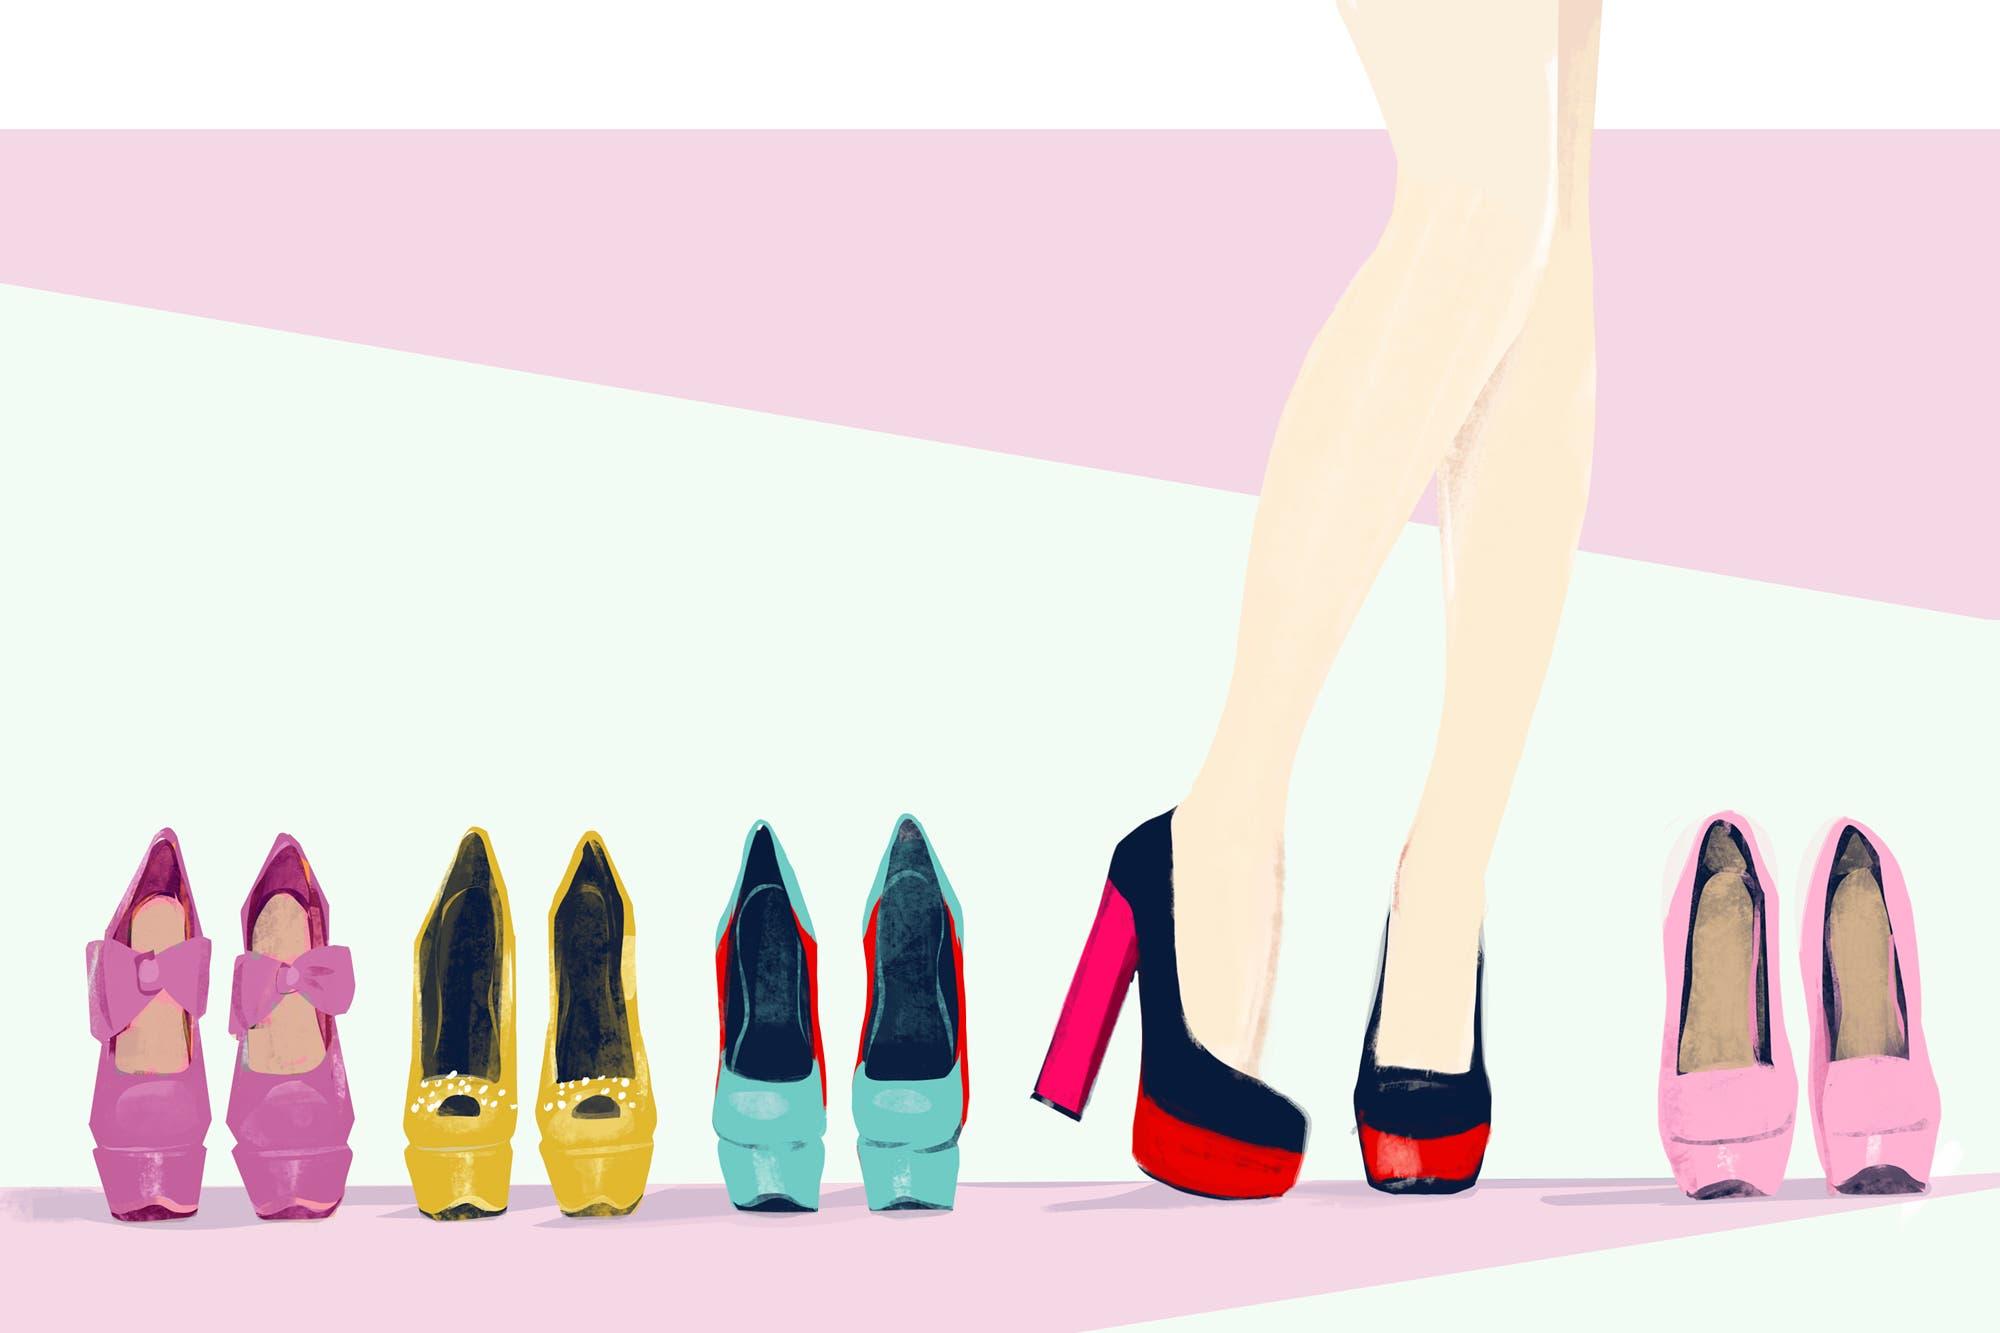 89b4a865 ¿Por qué usamos siempre los mismos zapatos? - LA NACION